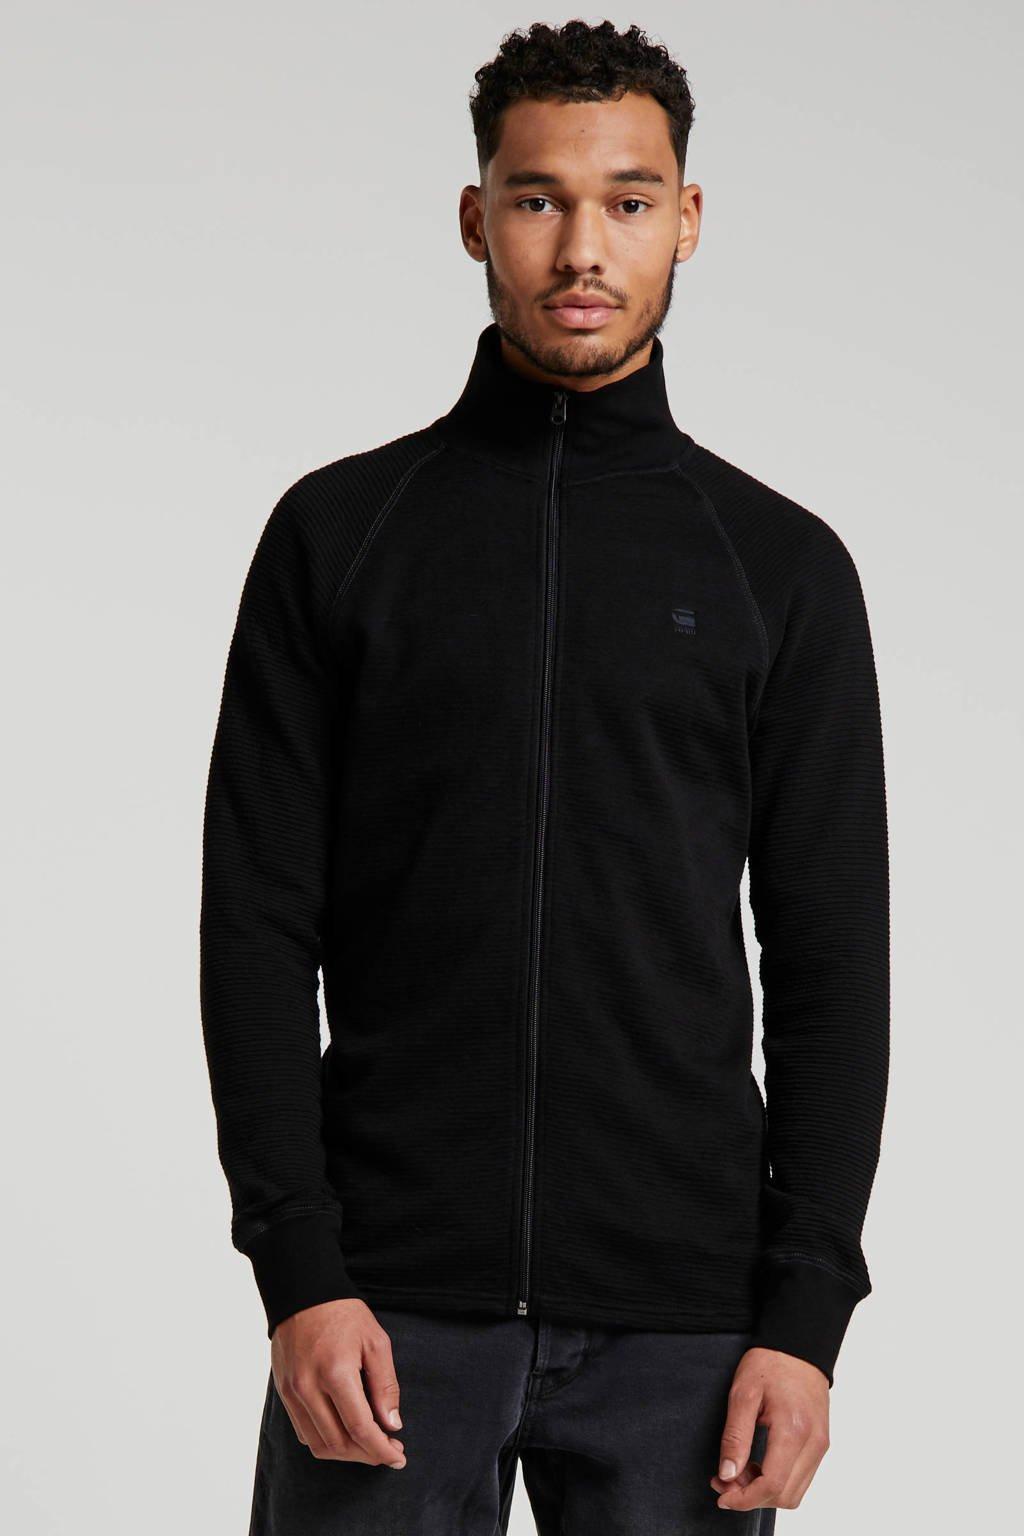 G-Star RAW ribgebreid vest met borduursels dk black, DK Black